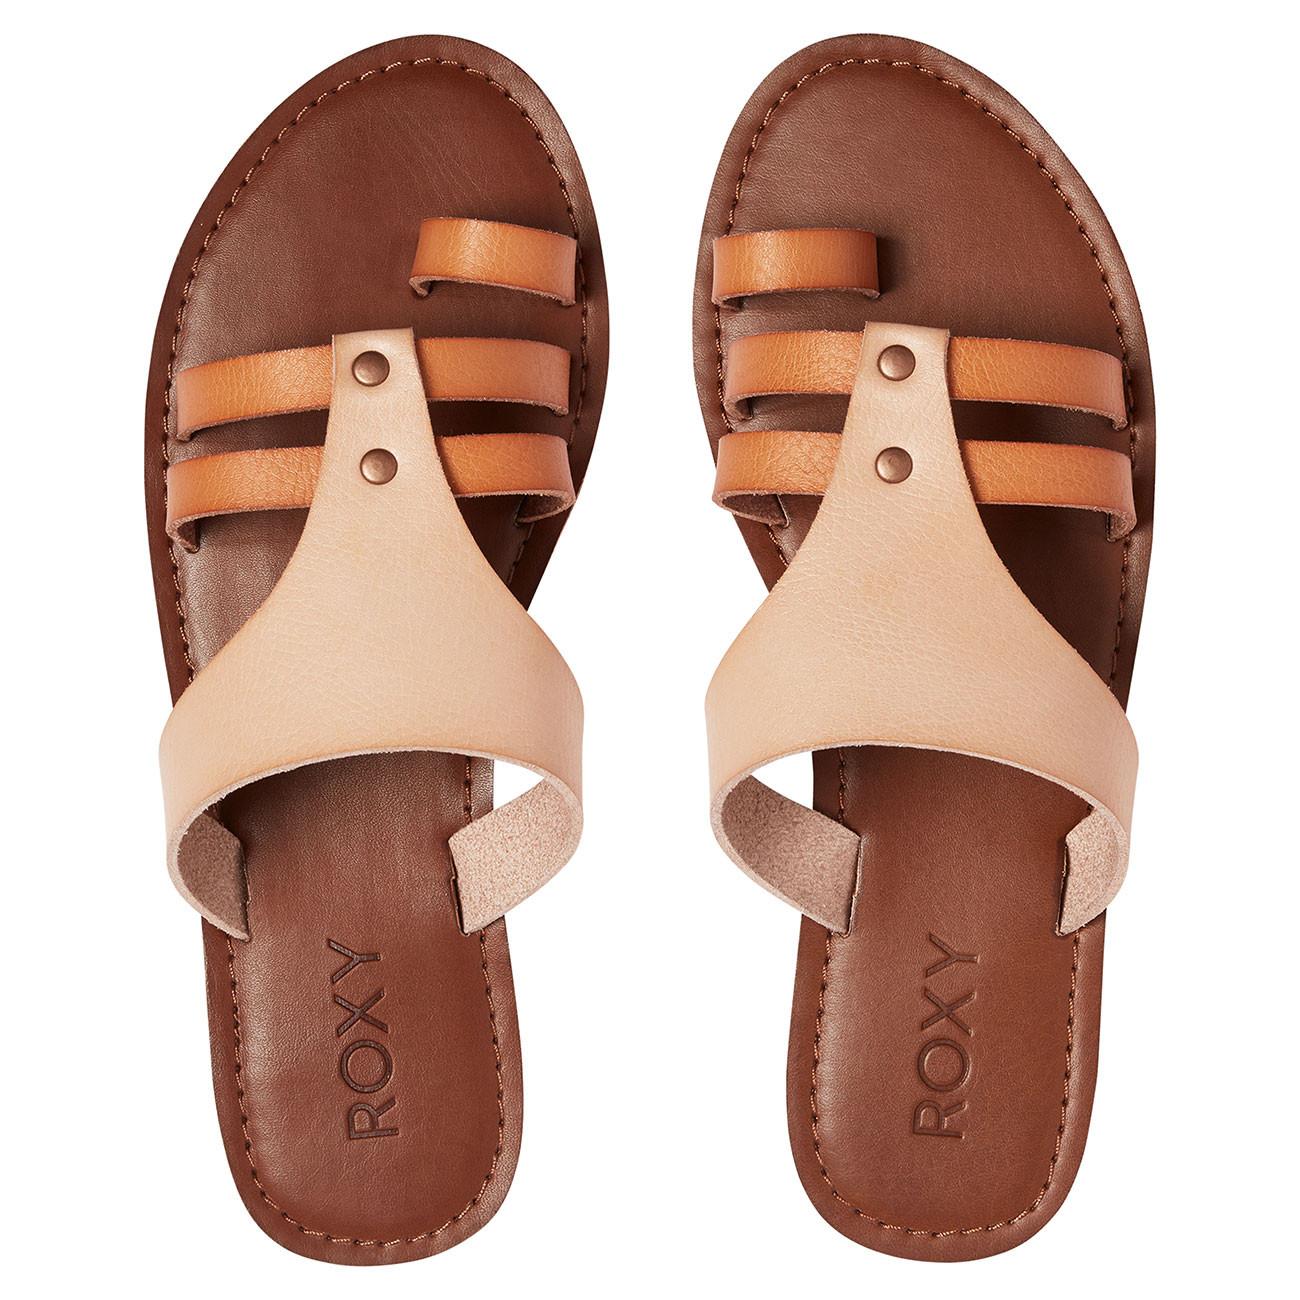 2b2ce1f756 Sandals Roxy Pauline tan